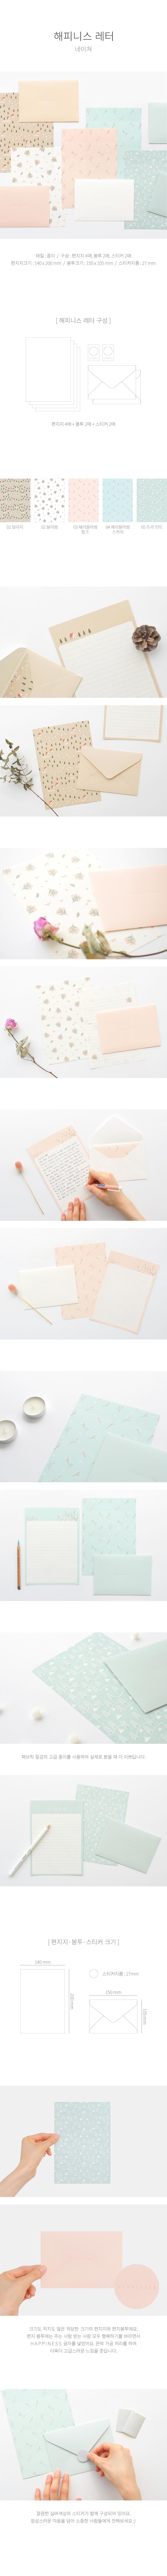 해피니스 레터 편지지 - 네이쳐2,500원-왈가닥스디자인문구, 카드/편지/봉투, 편지지, 패턴 편지지바보사랑해피니스 레터 편지지 - 네이쳐2,500원-왈가닥스디자인문구, 카드/편지/봉투, 편지지, 패턴 편지지바보사랑